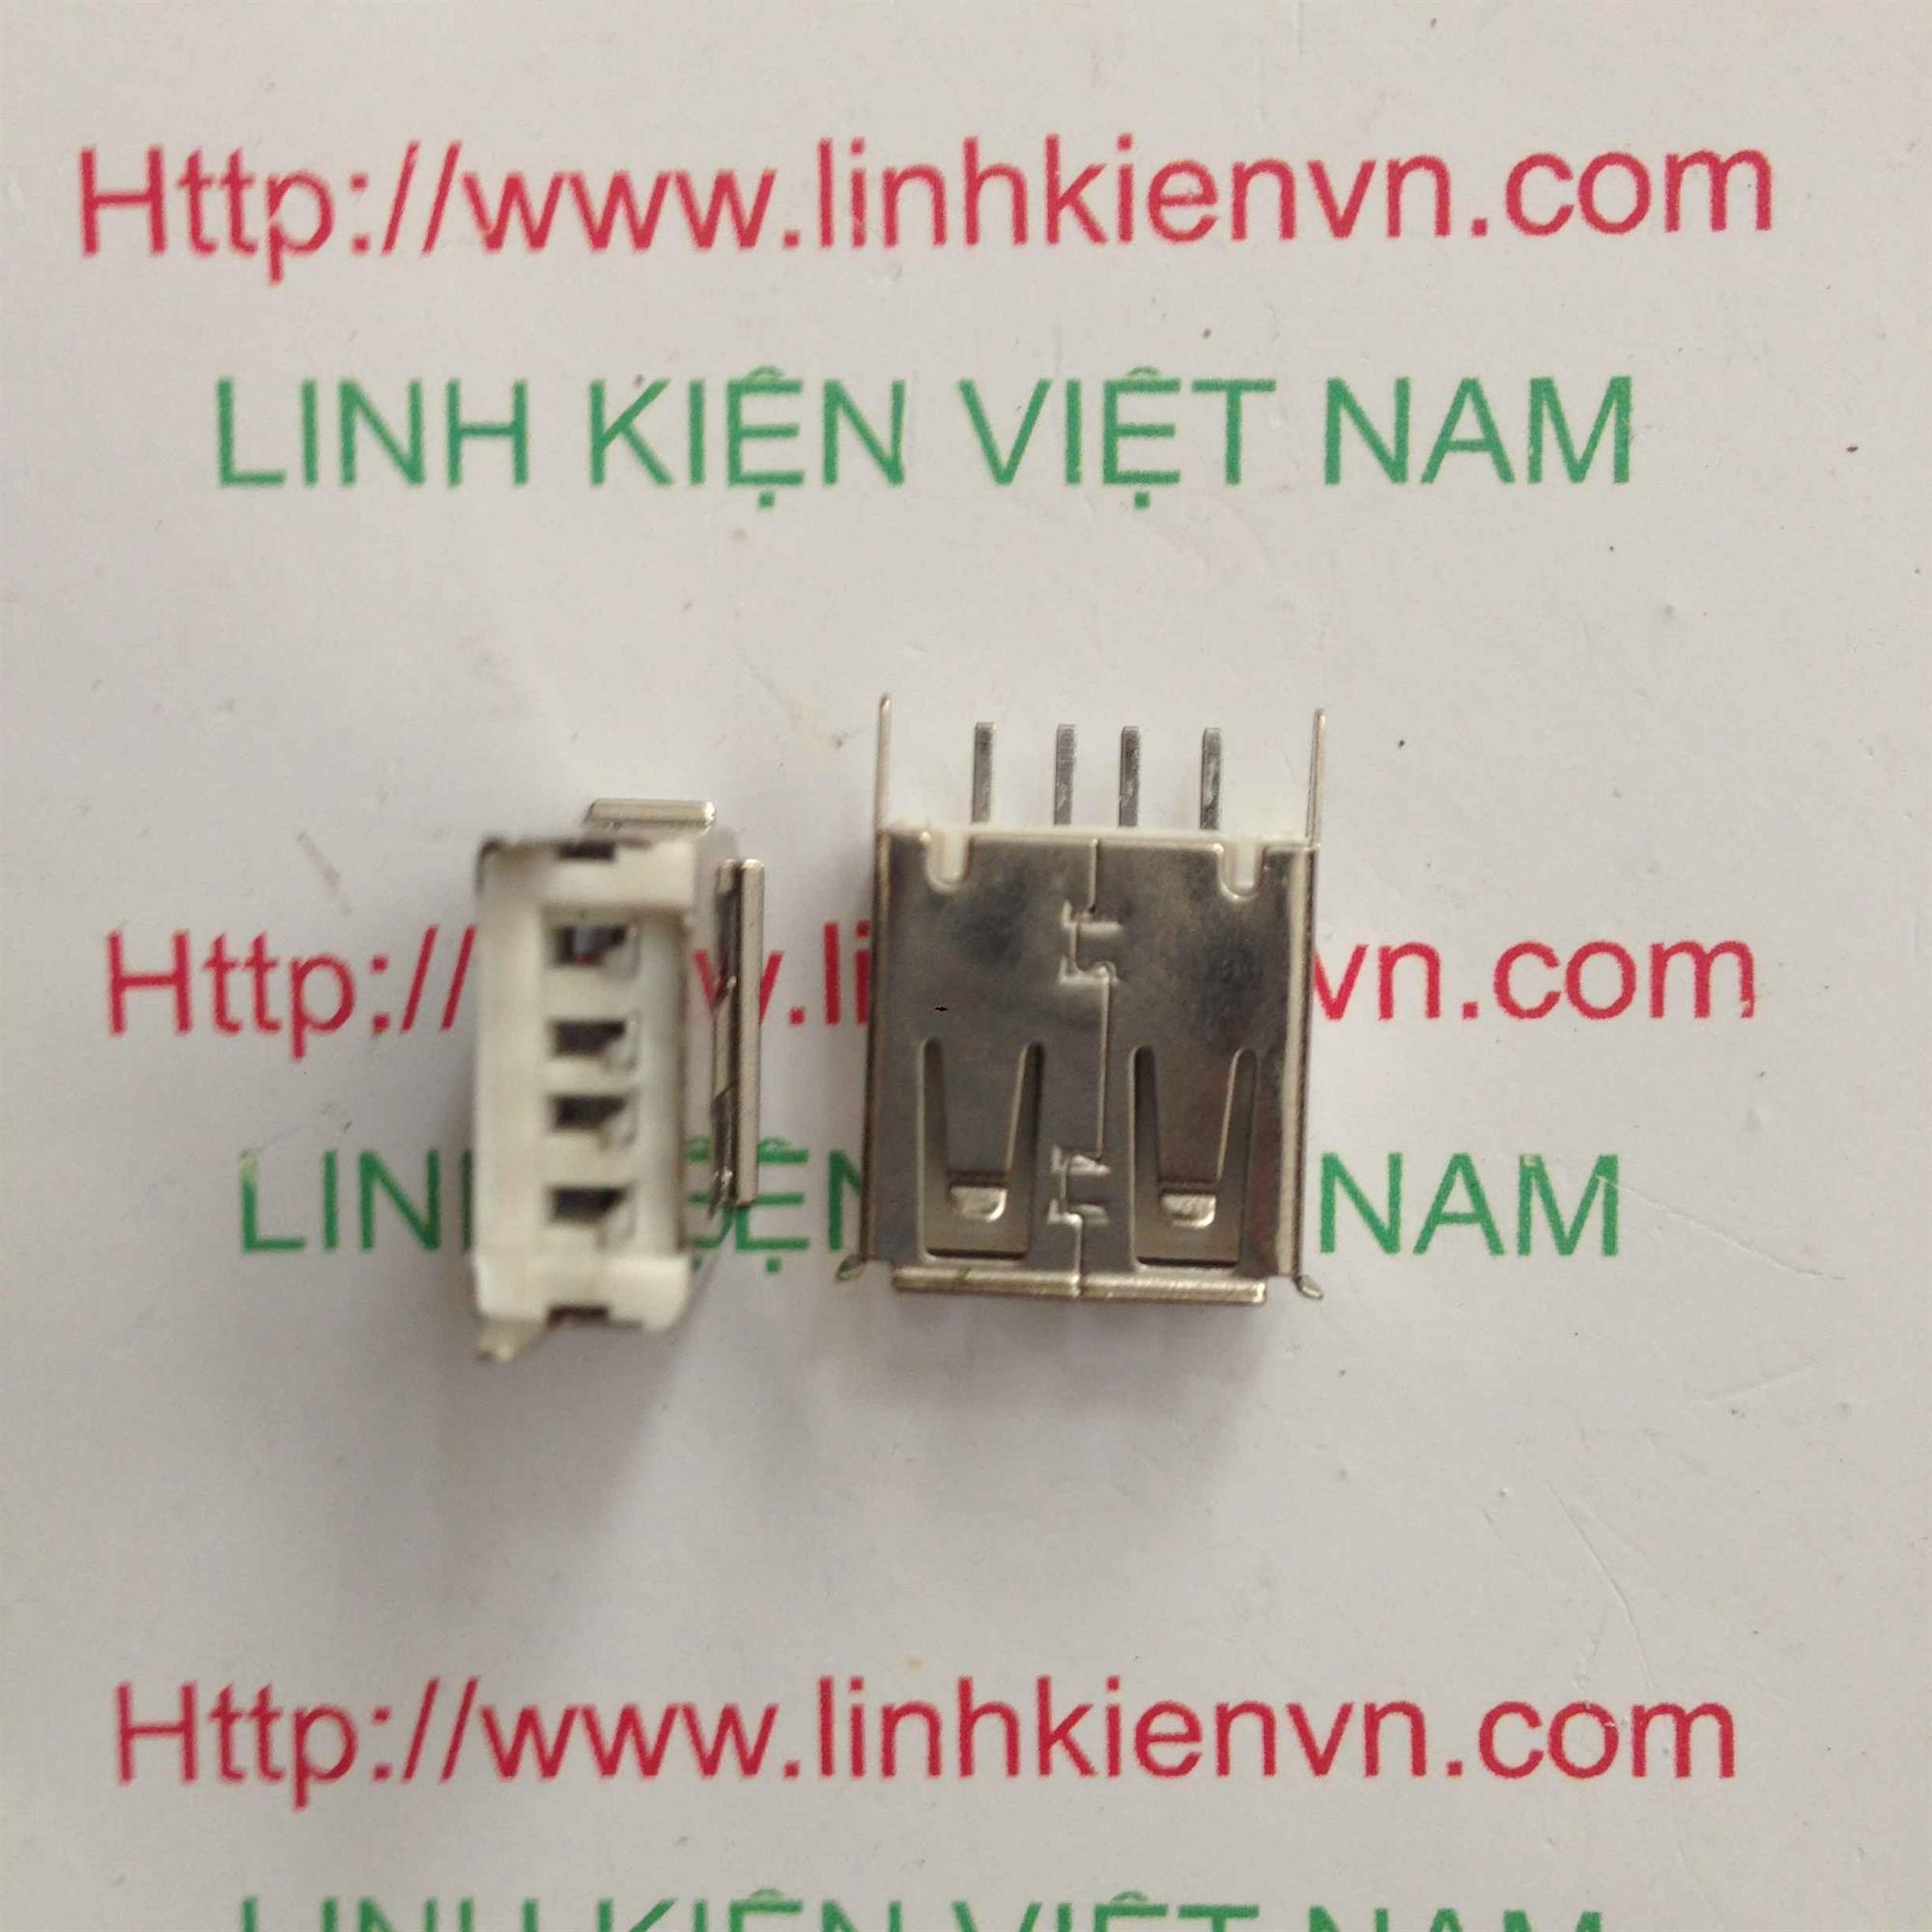 CỔNG USB CÁI CẮM ĐỨNG - G5H6